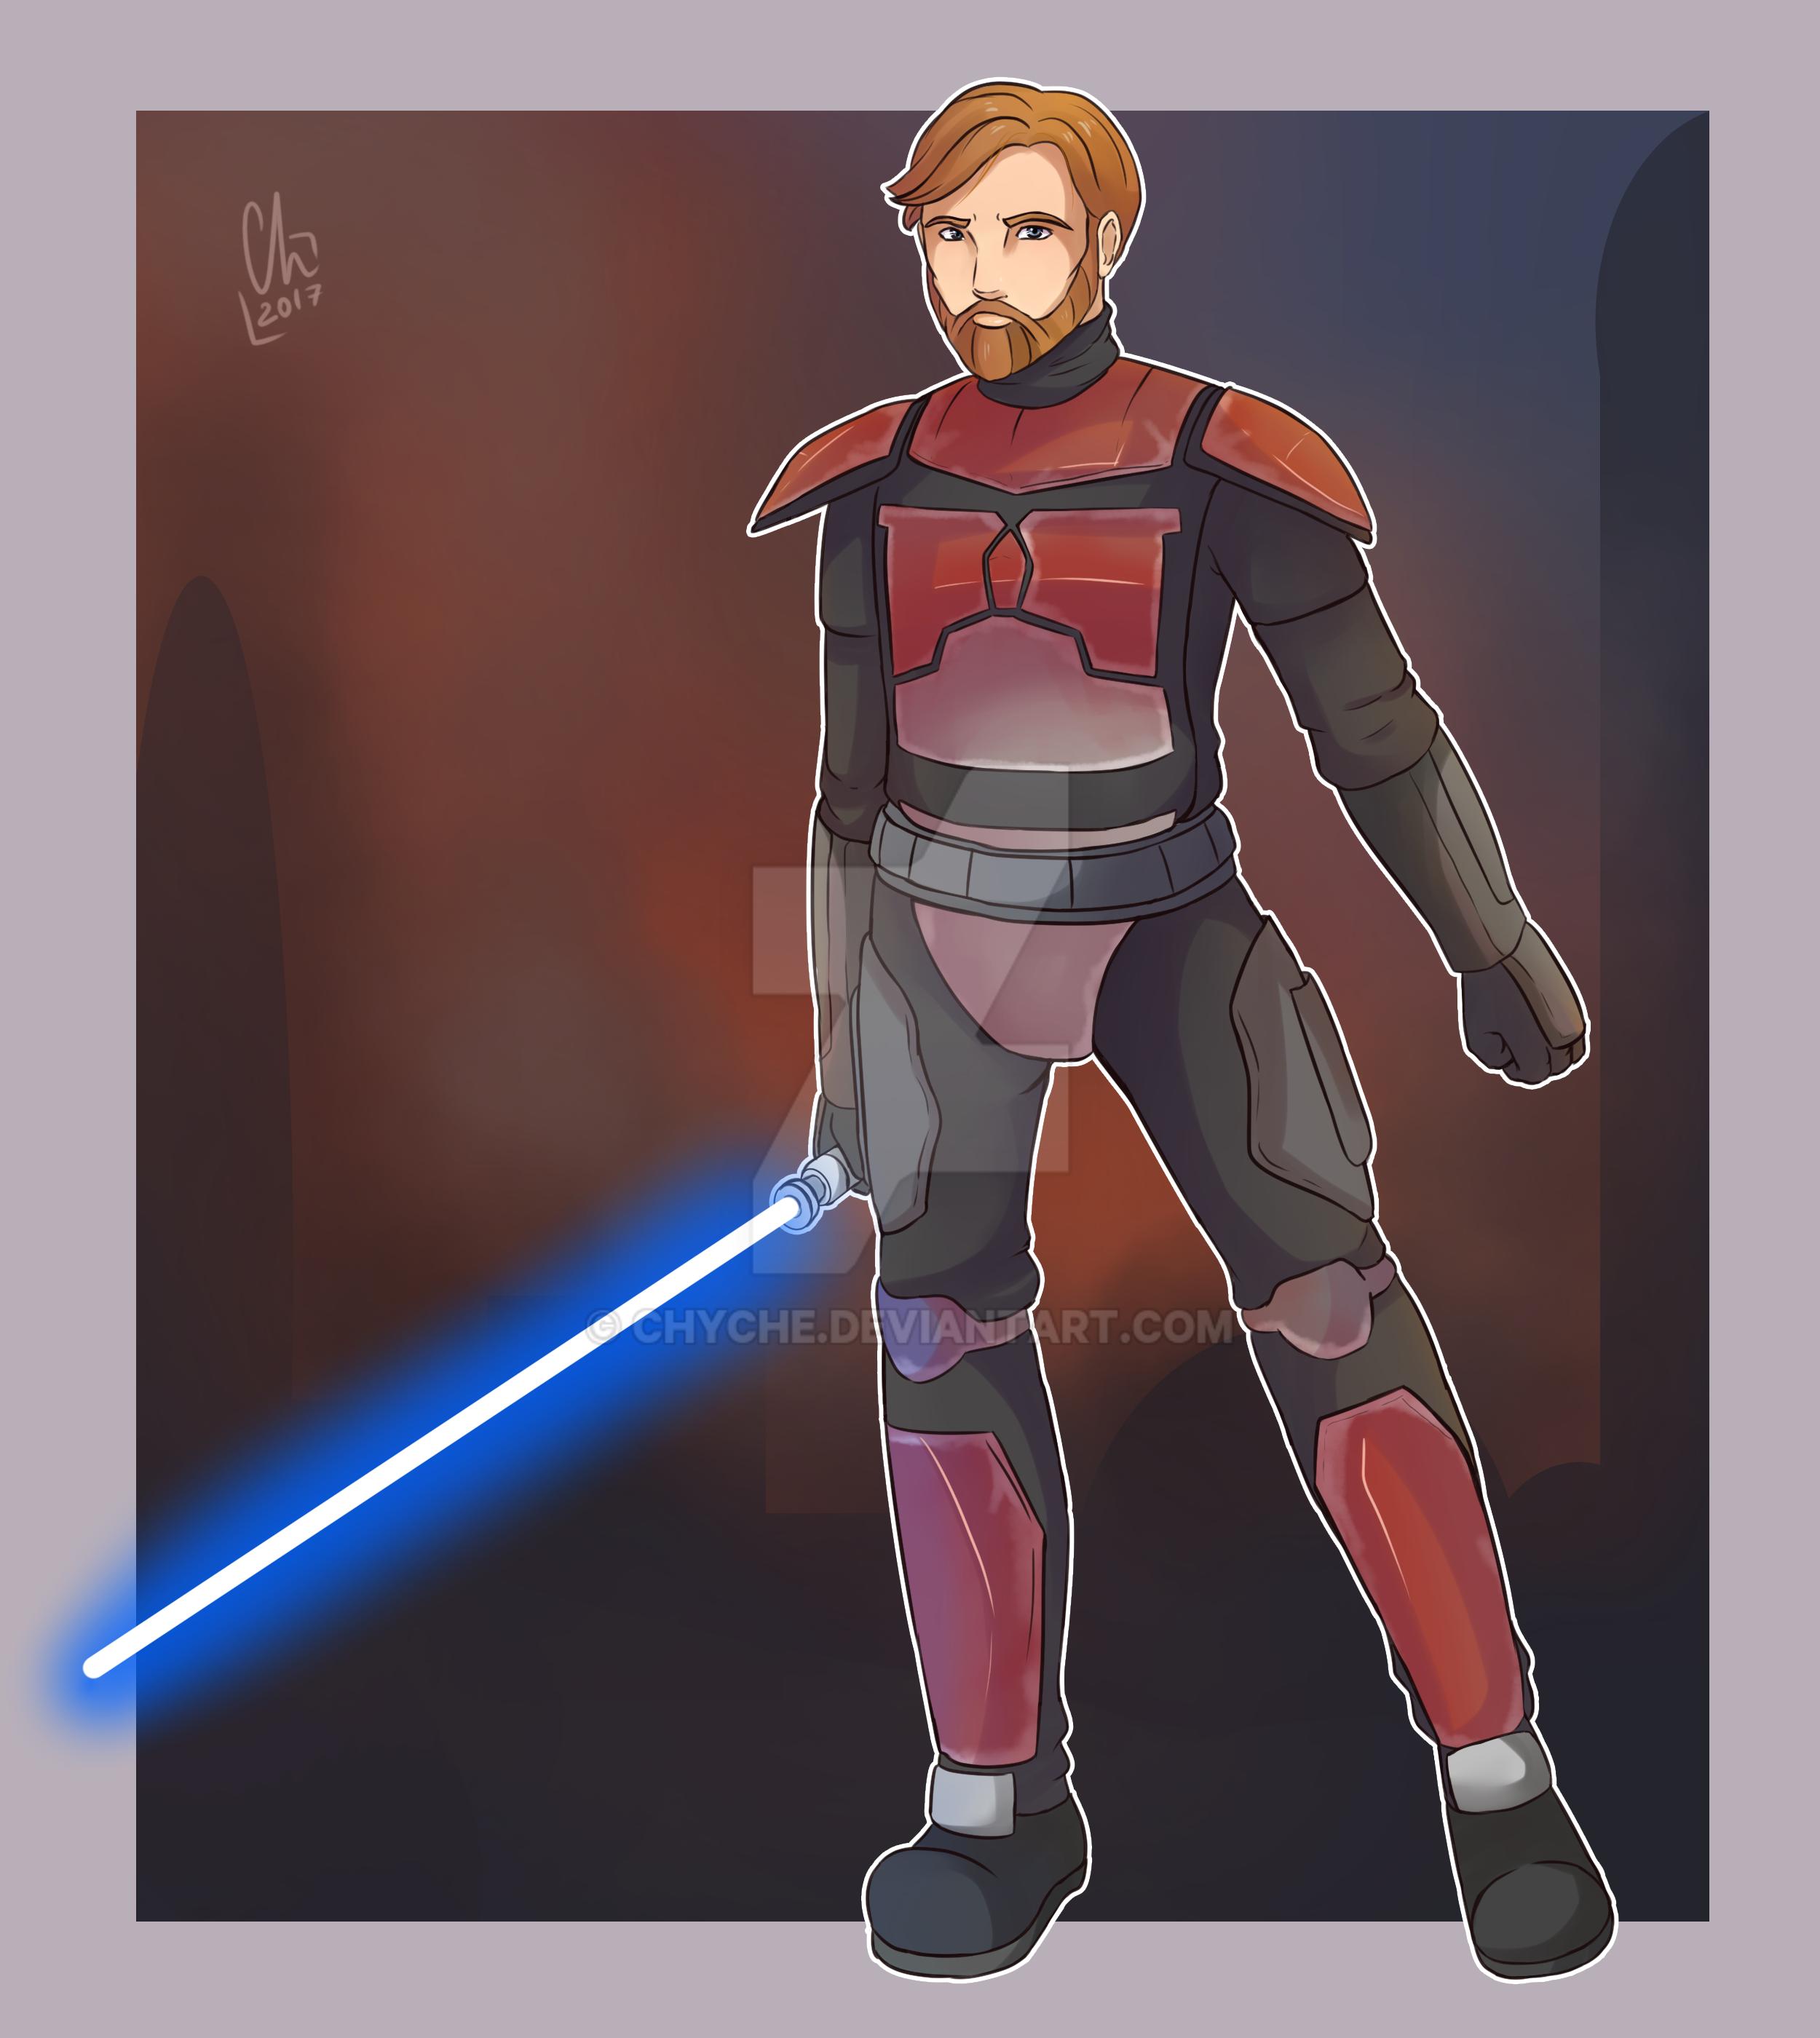 Obi-Wan Kenobi by Chyche